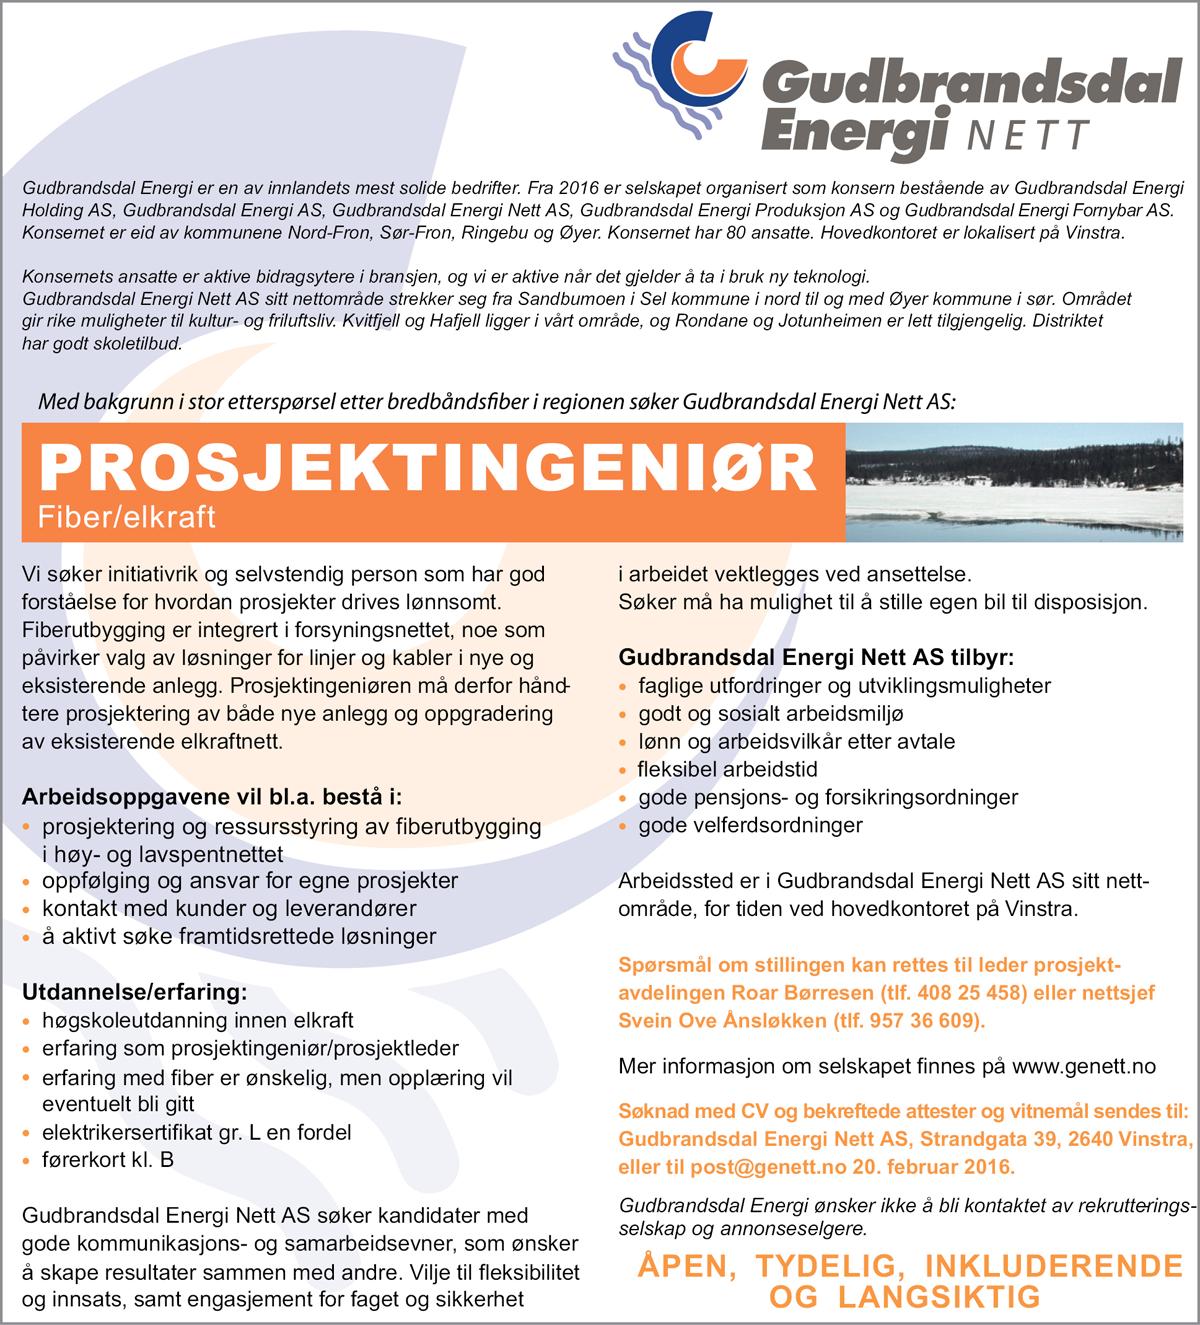 201601-Gudbrandsdal-Energi-